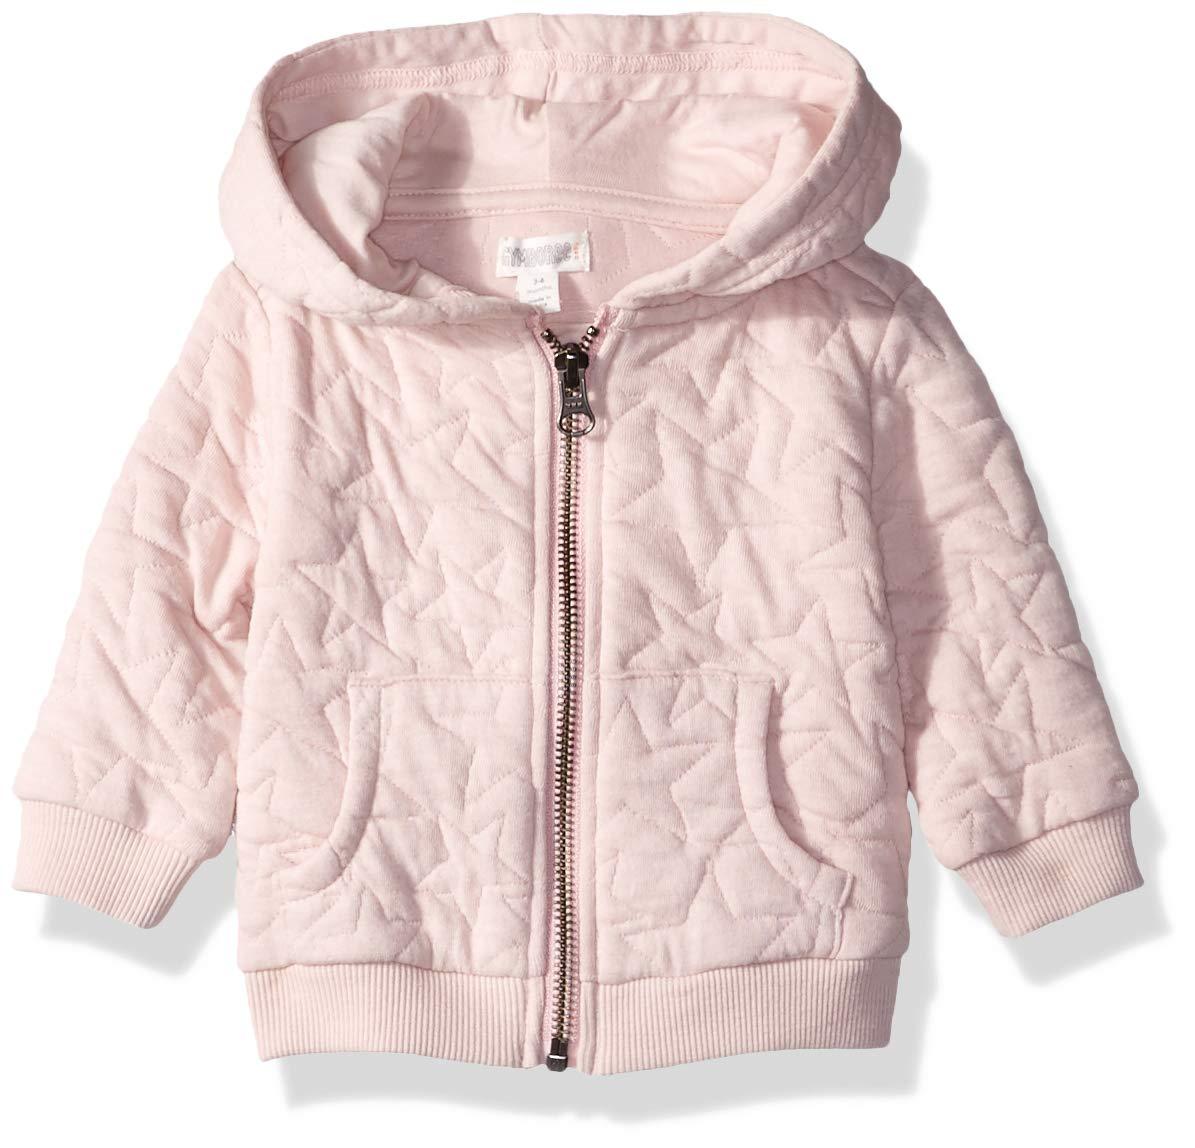 Gymboree Baby Girls Long Sleeve Zip Hoodie, Blushing Pink, 3-6 Mo by Gymboree